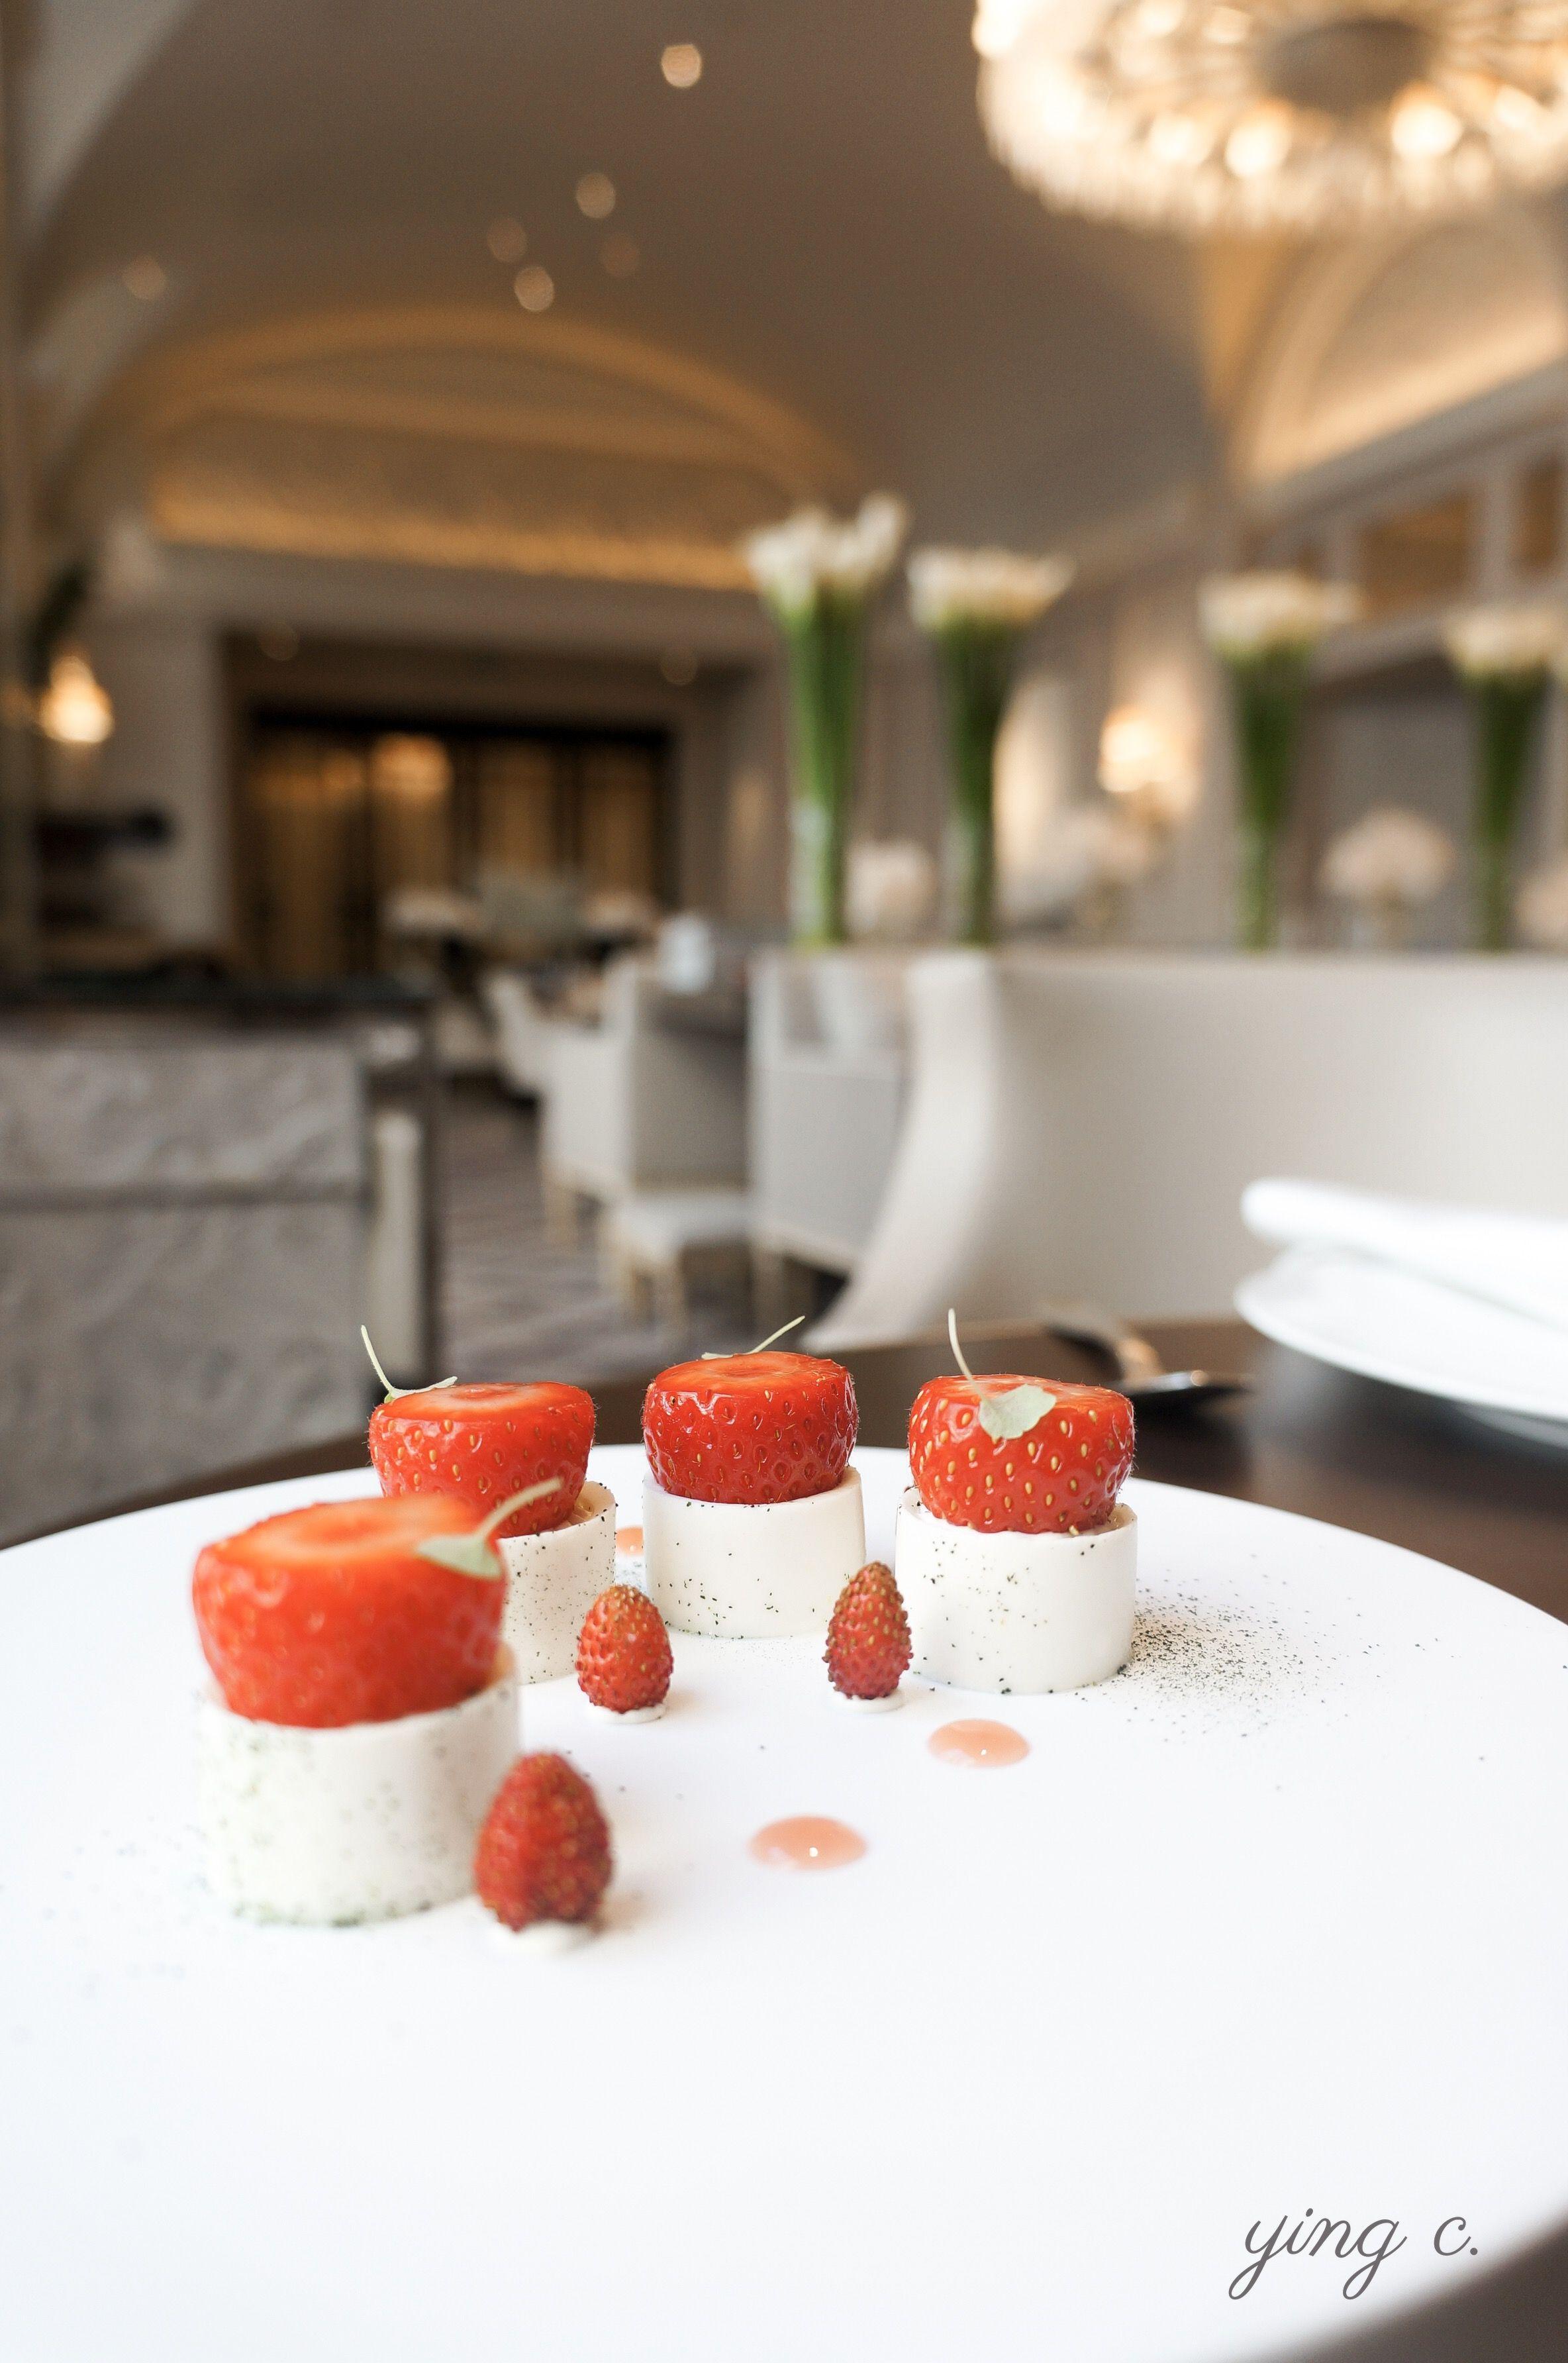 從側面看「Fraises tièdes et romarin」(微溫草莓、迷迭香)這道甜點,與俯瞰時的優雅不同,在盤中排排站好的草莓與野莓,充滿童話故事般的可愛魅力。